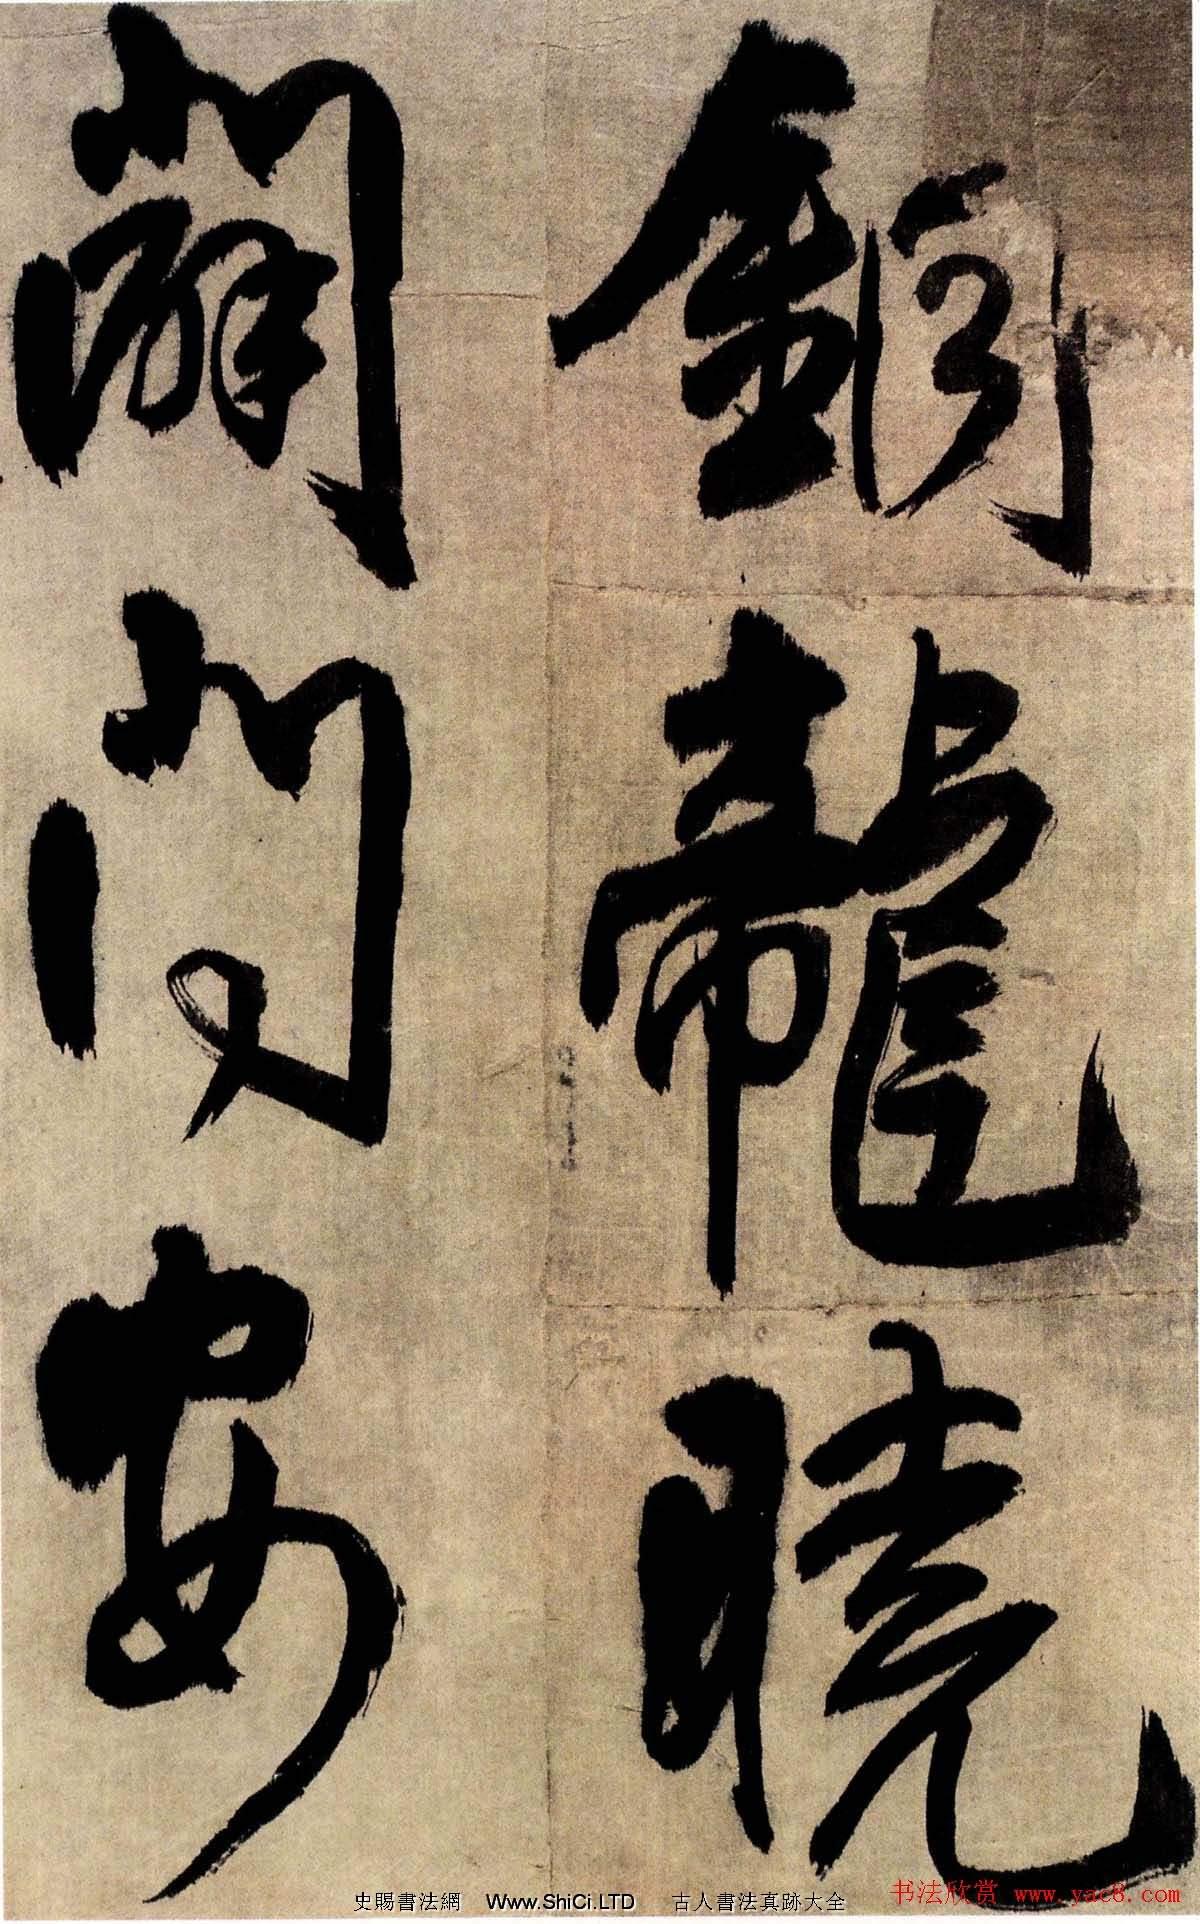 王鐸行書真跡欣賞七律銅龍曉書法冊頁(共10張圖片)